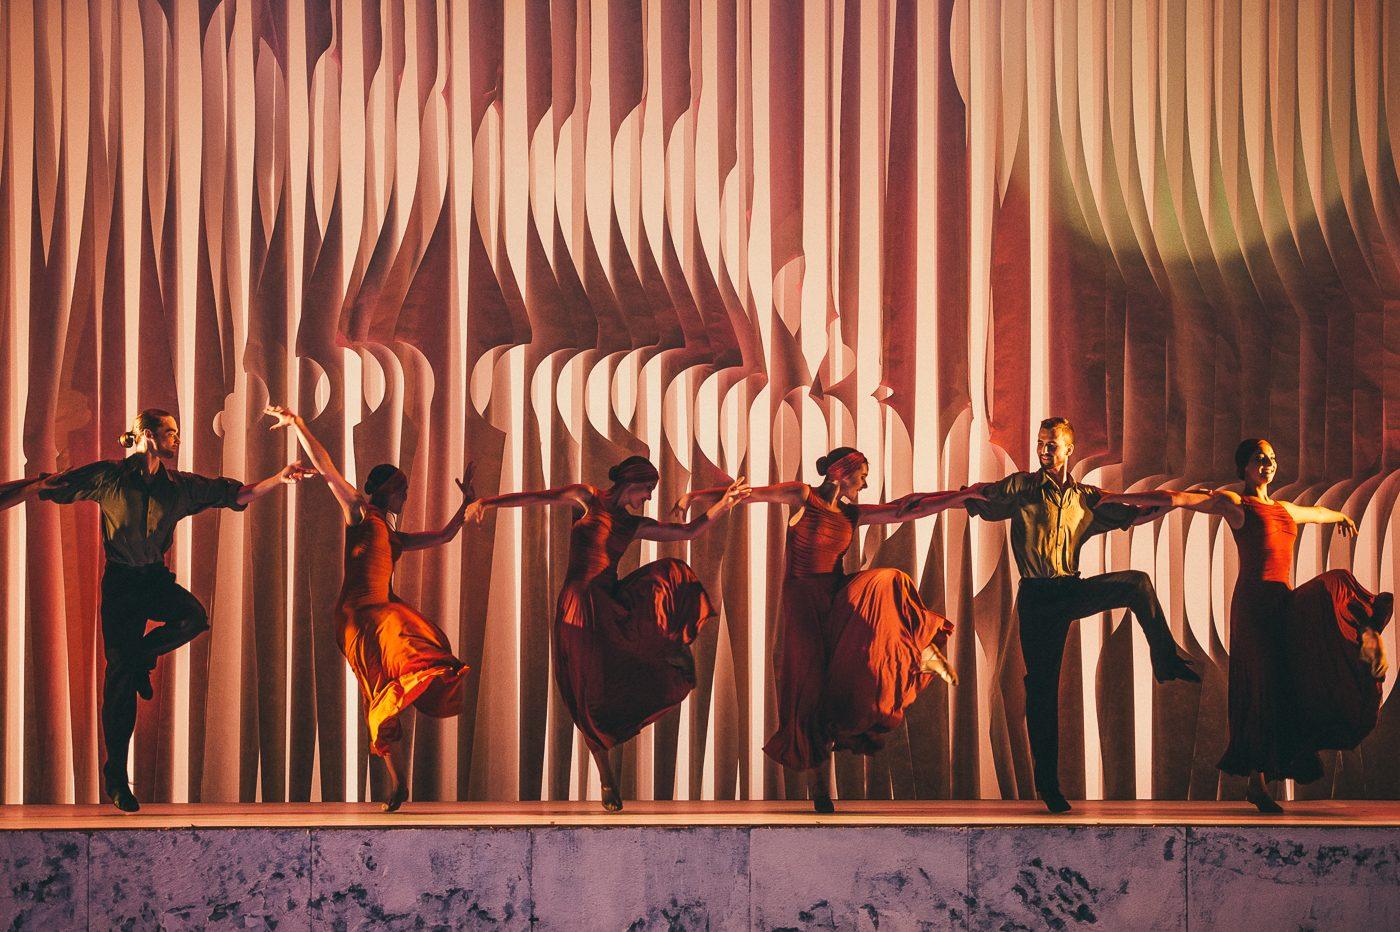 Premjera Zorba Muzikinis Teatras E.sabaliauskaite 023